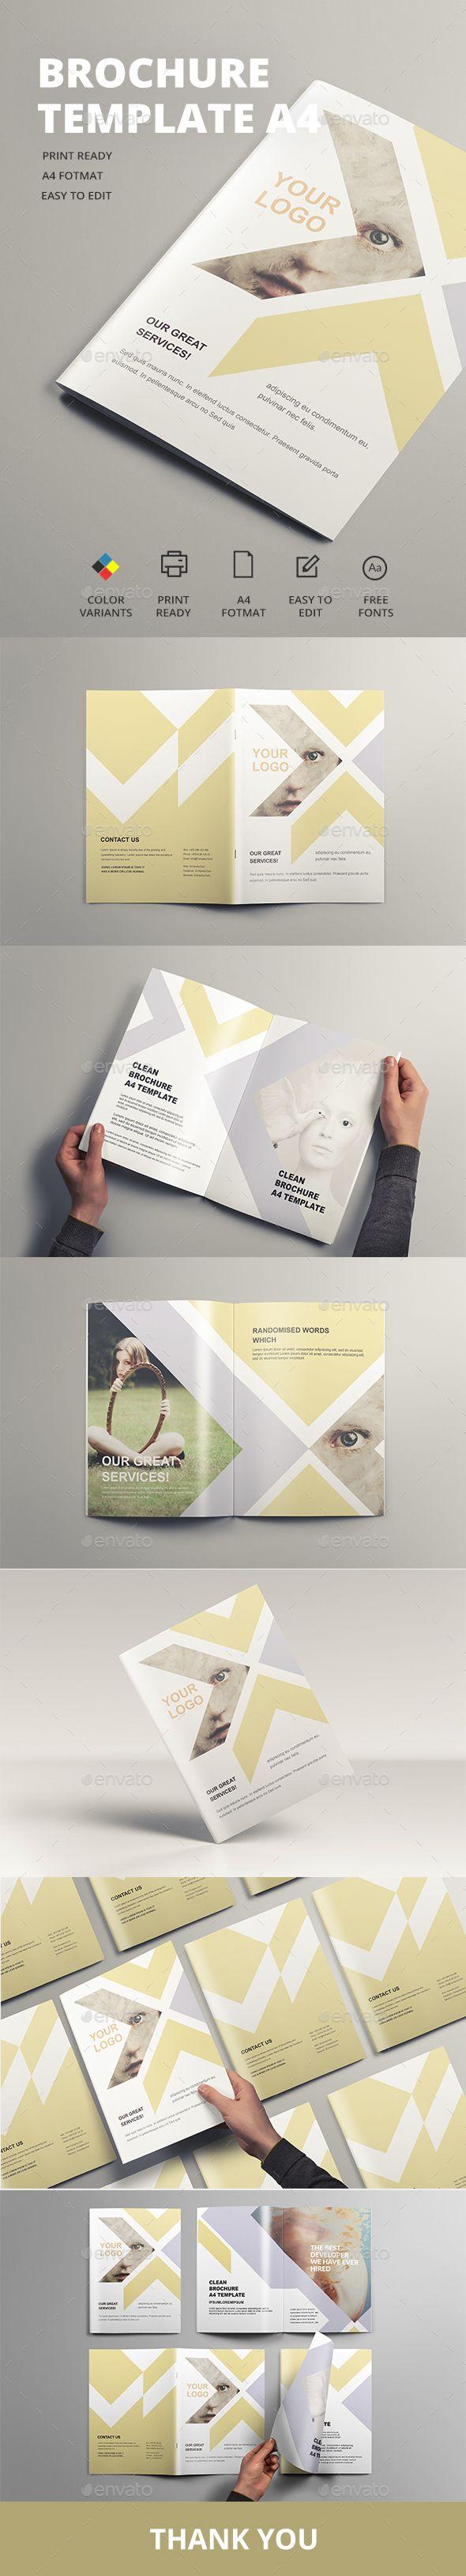 Business Brochure Vol.1 - Catalogs Brochures | Download : https://graphicriver.net/item/business-brochure-vol1/18956030?ref=sinzo